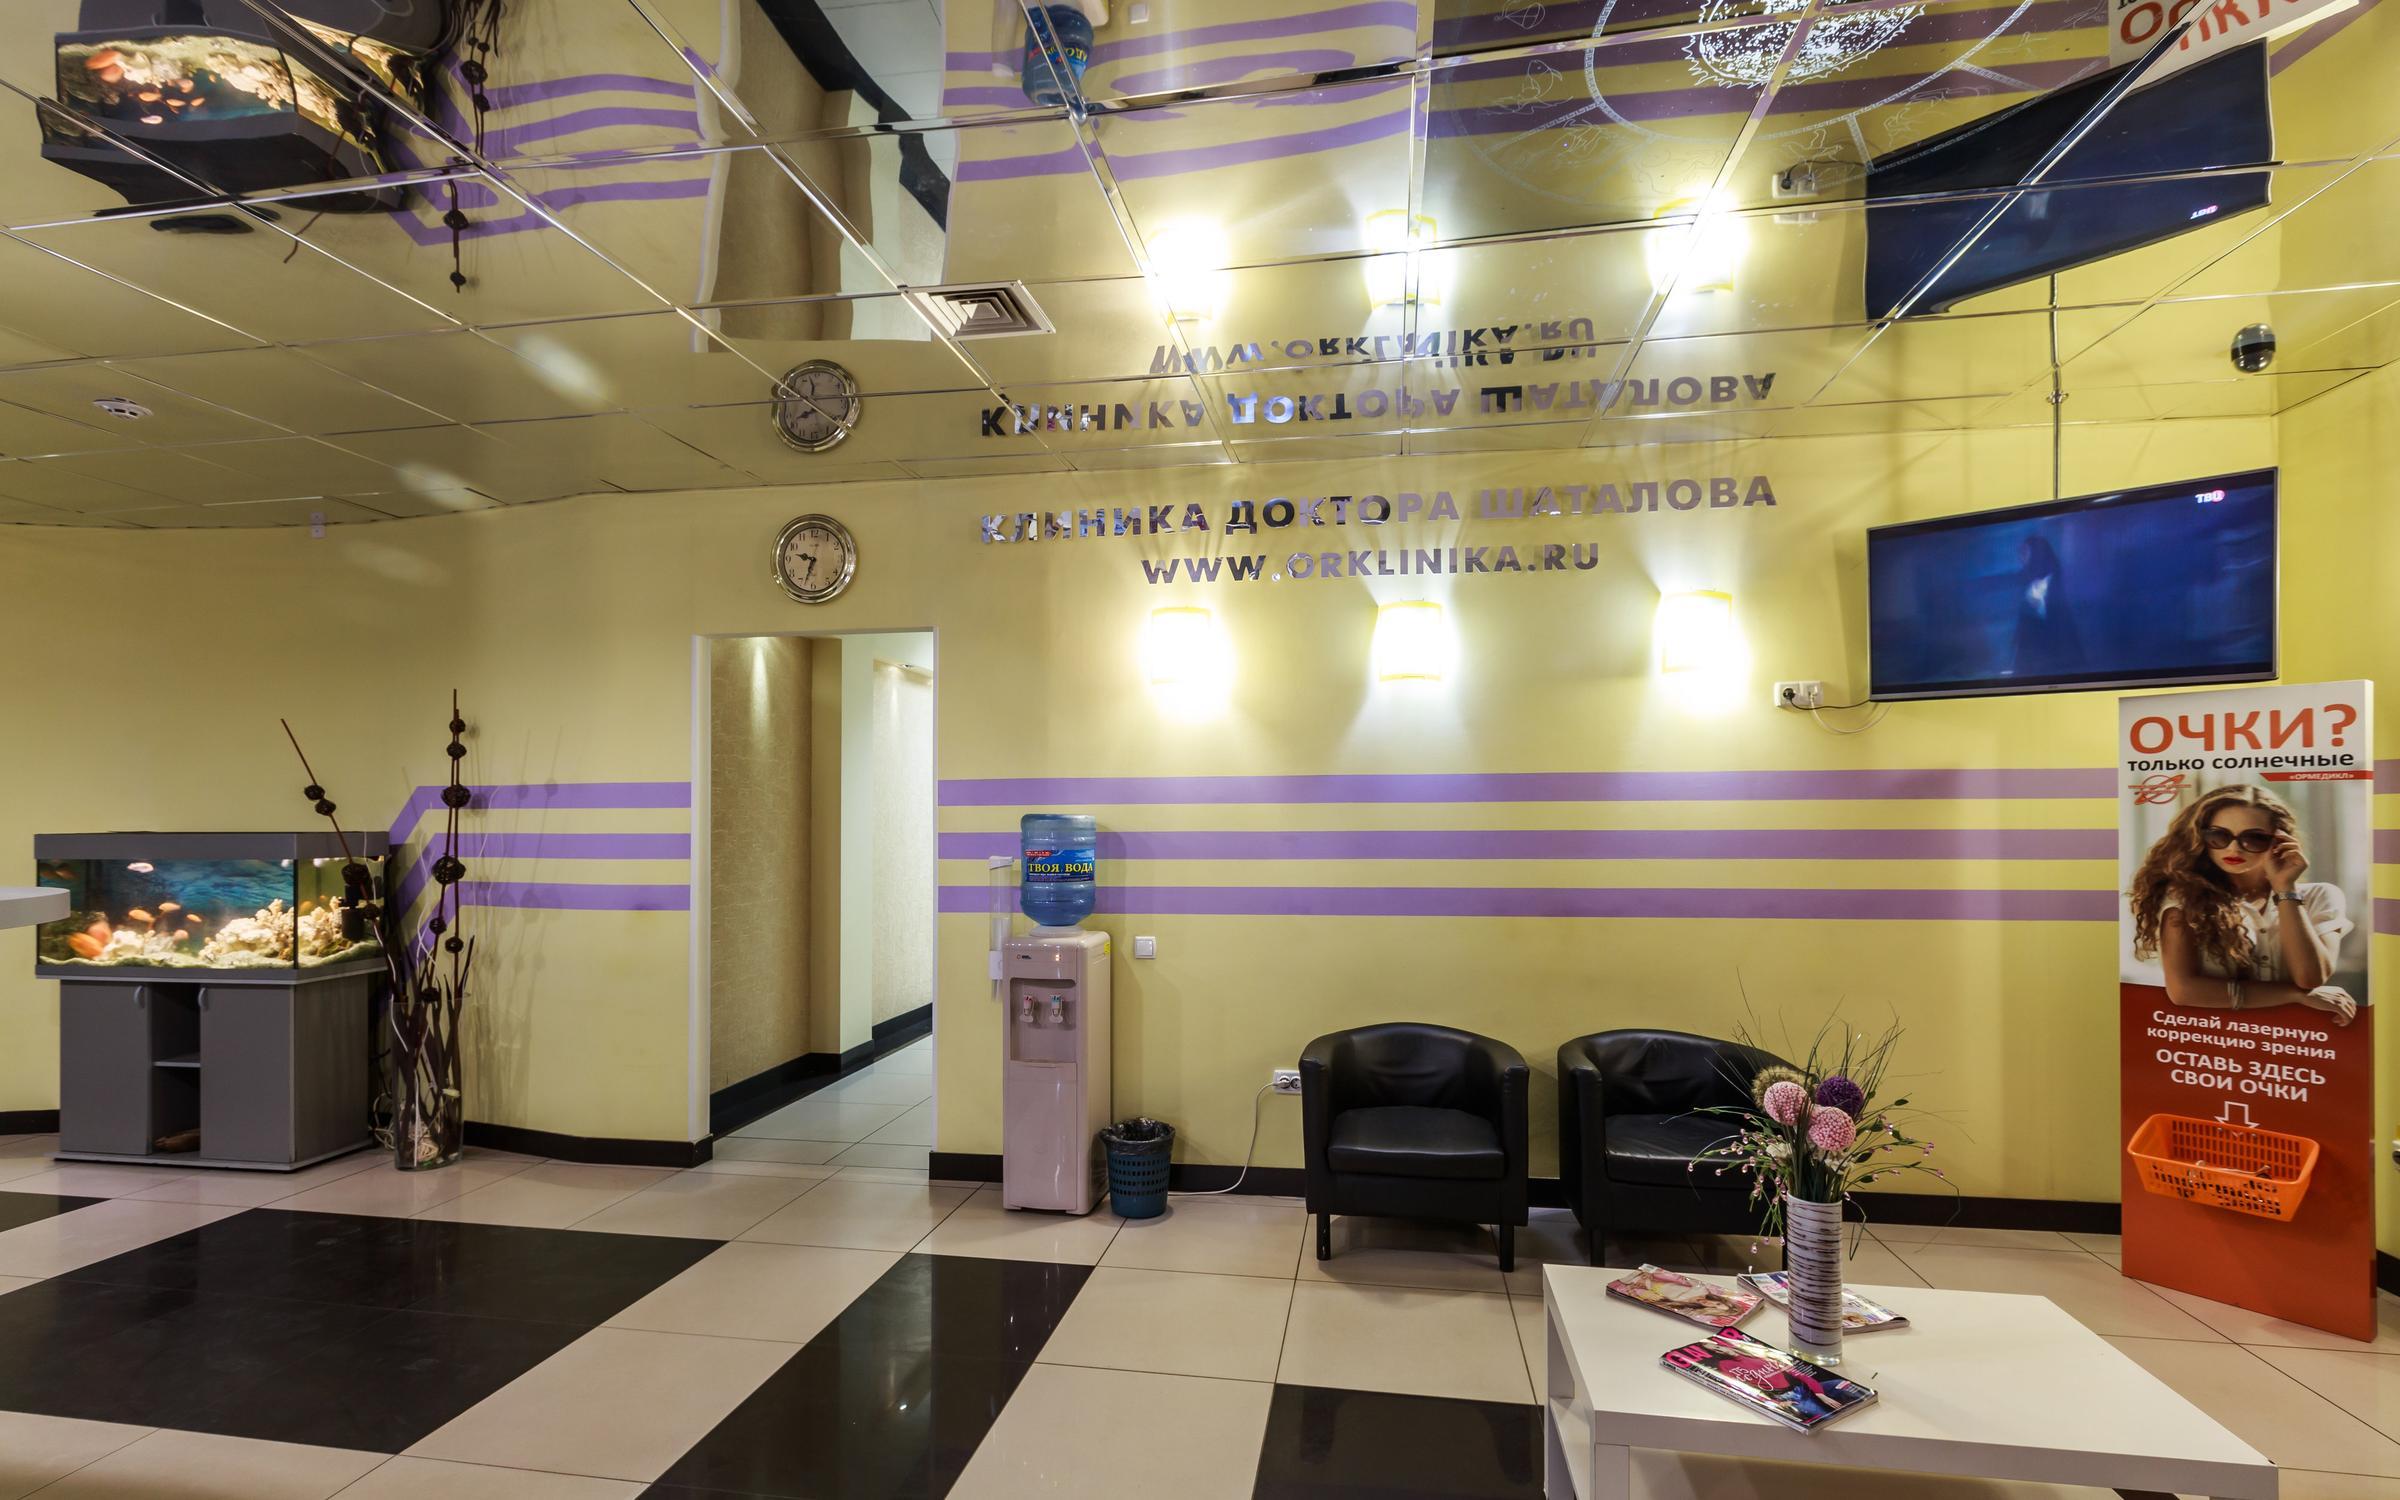 фотография Клиники доктора Шаталова Ормедикл на Набережной улице в Орехово-Зуево